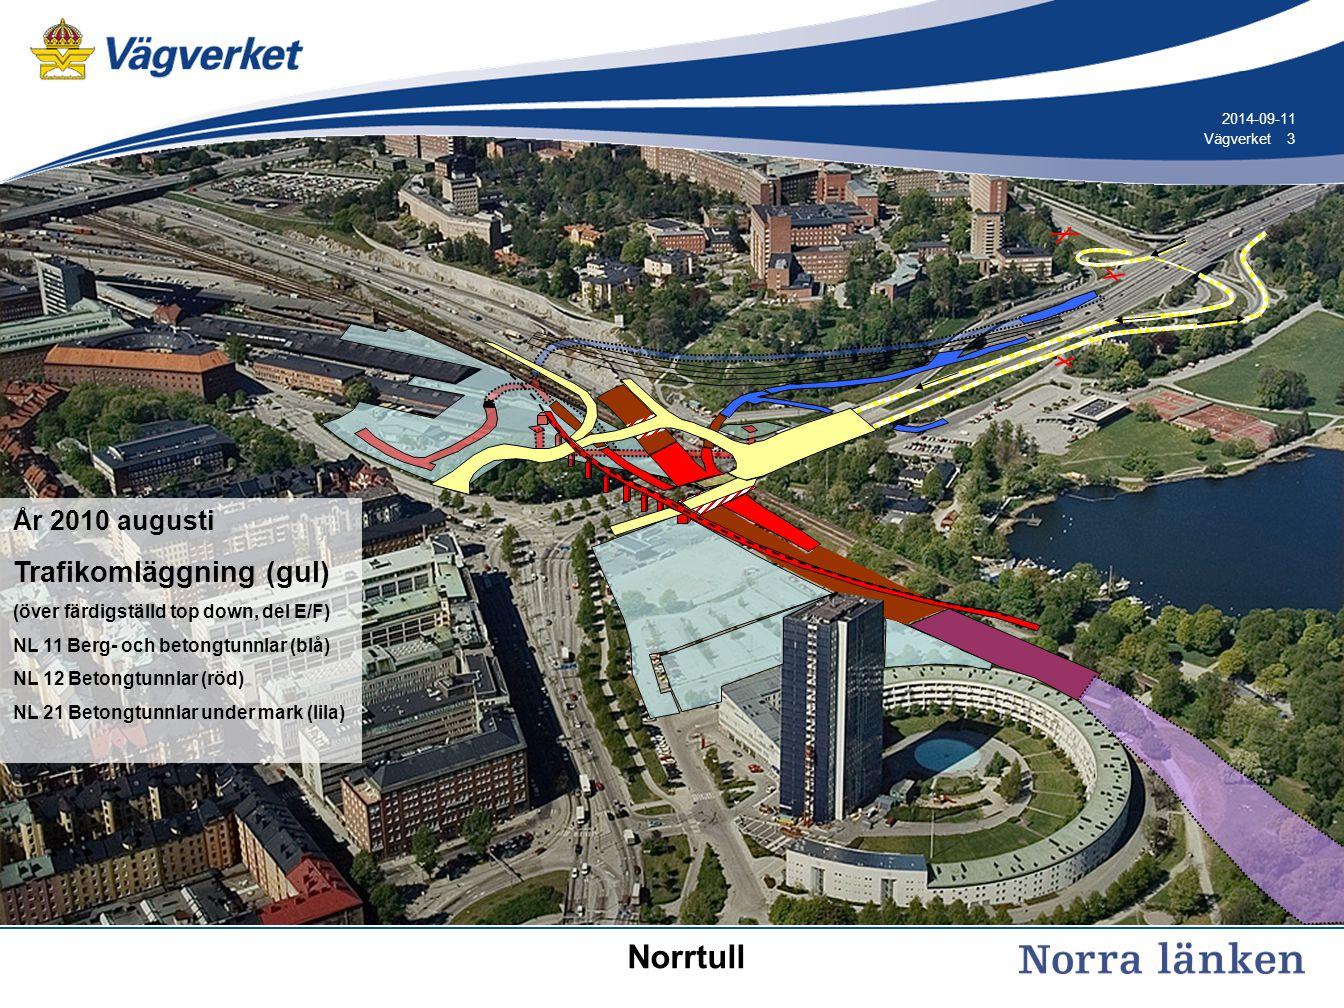 3 3Vägverket 2014-09-11 År 2010 augusti Trafikomläggning (gul) (över färdigställd top down, del E/F) NL 11 Berg- och betongtunnlar (blå) NL 12 Betongtunnlar (röd) NL 21 Betongtunnlar under mark (lila) Norrtull